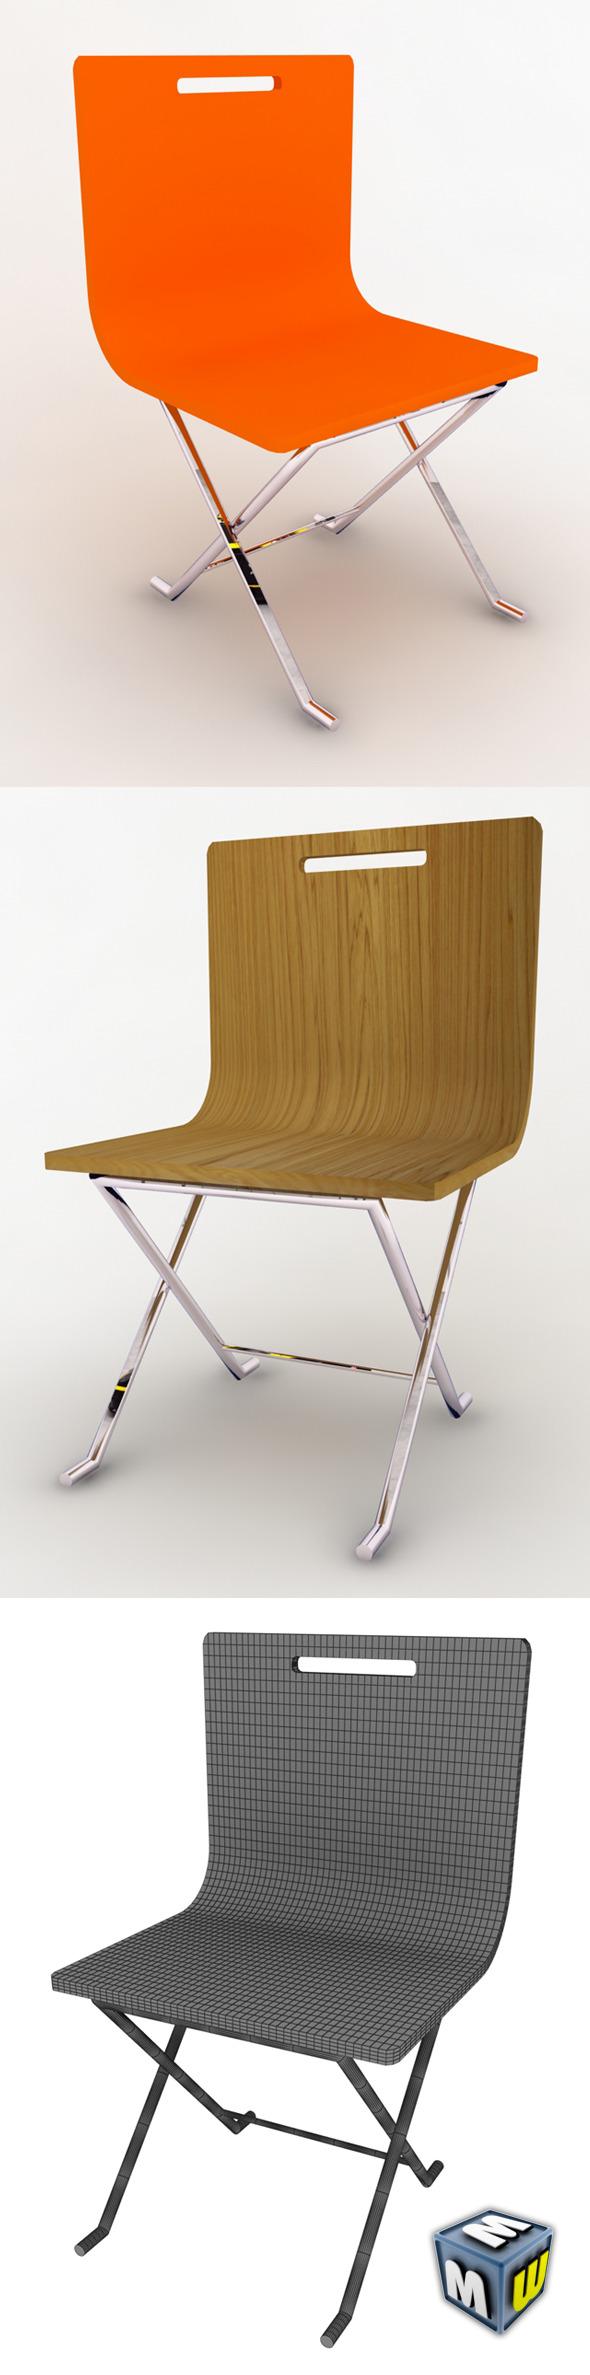 3DOcean Chair MAX 2008 5409548